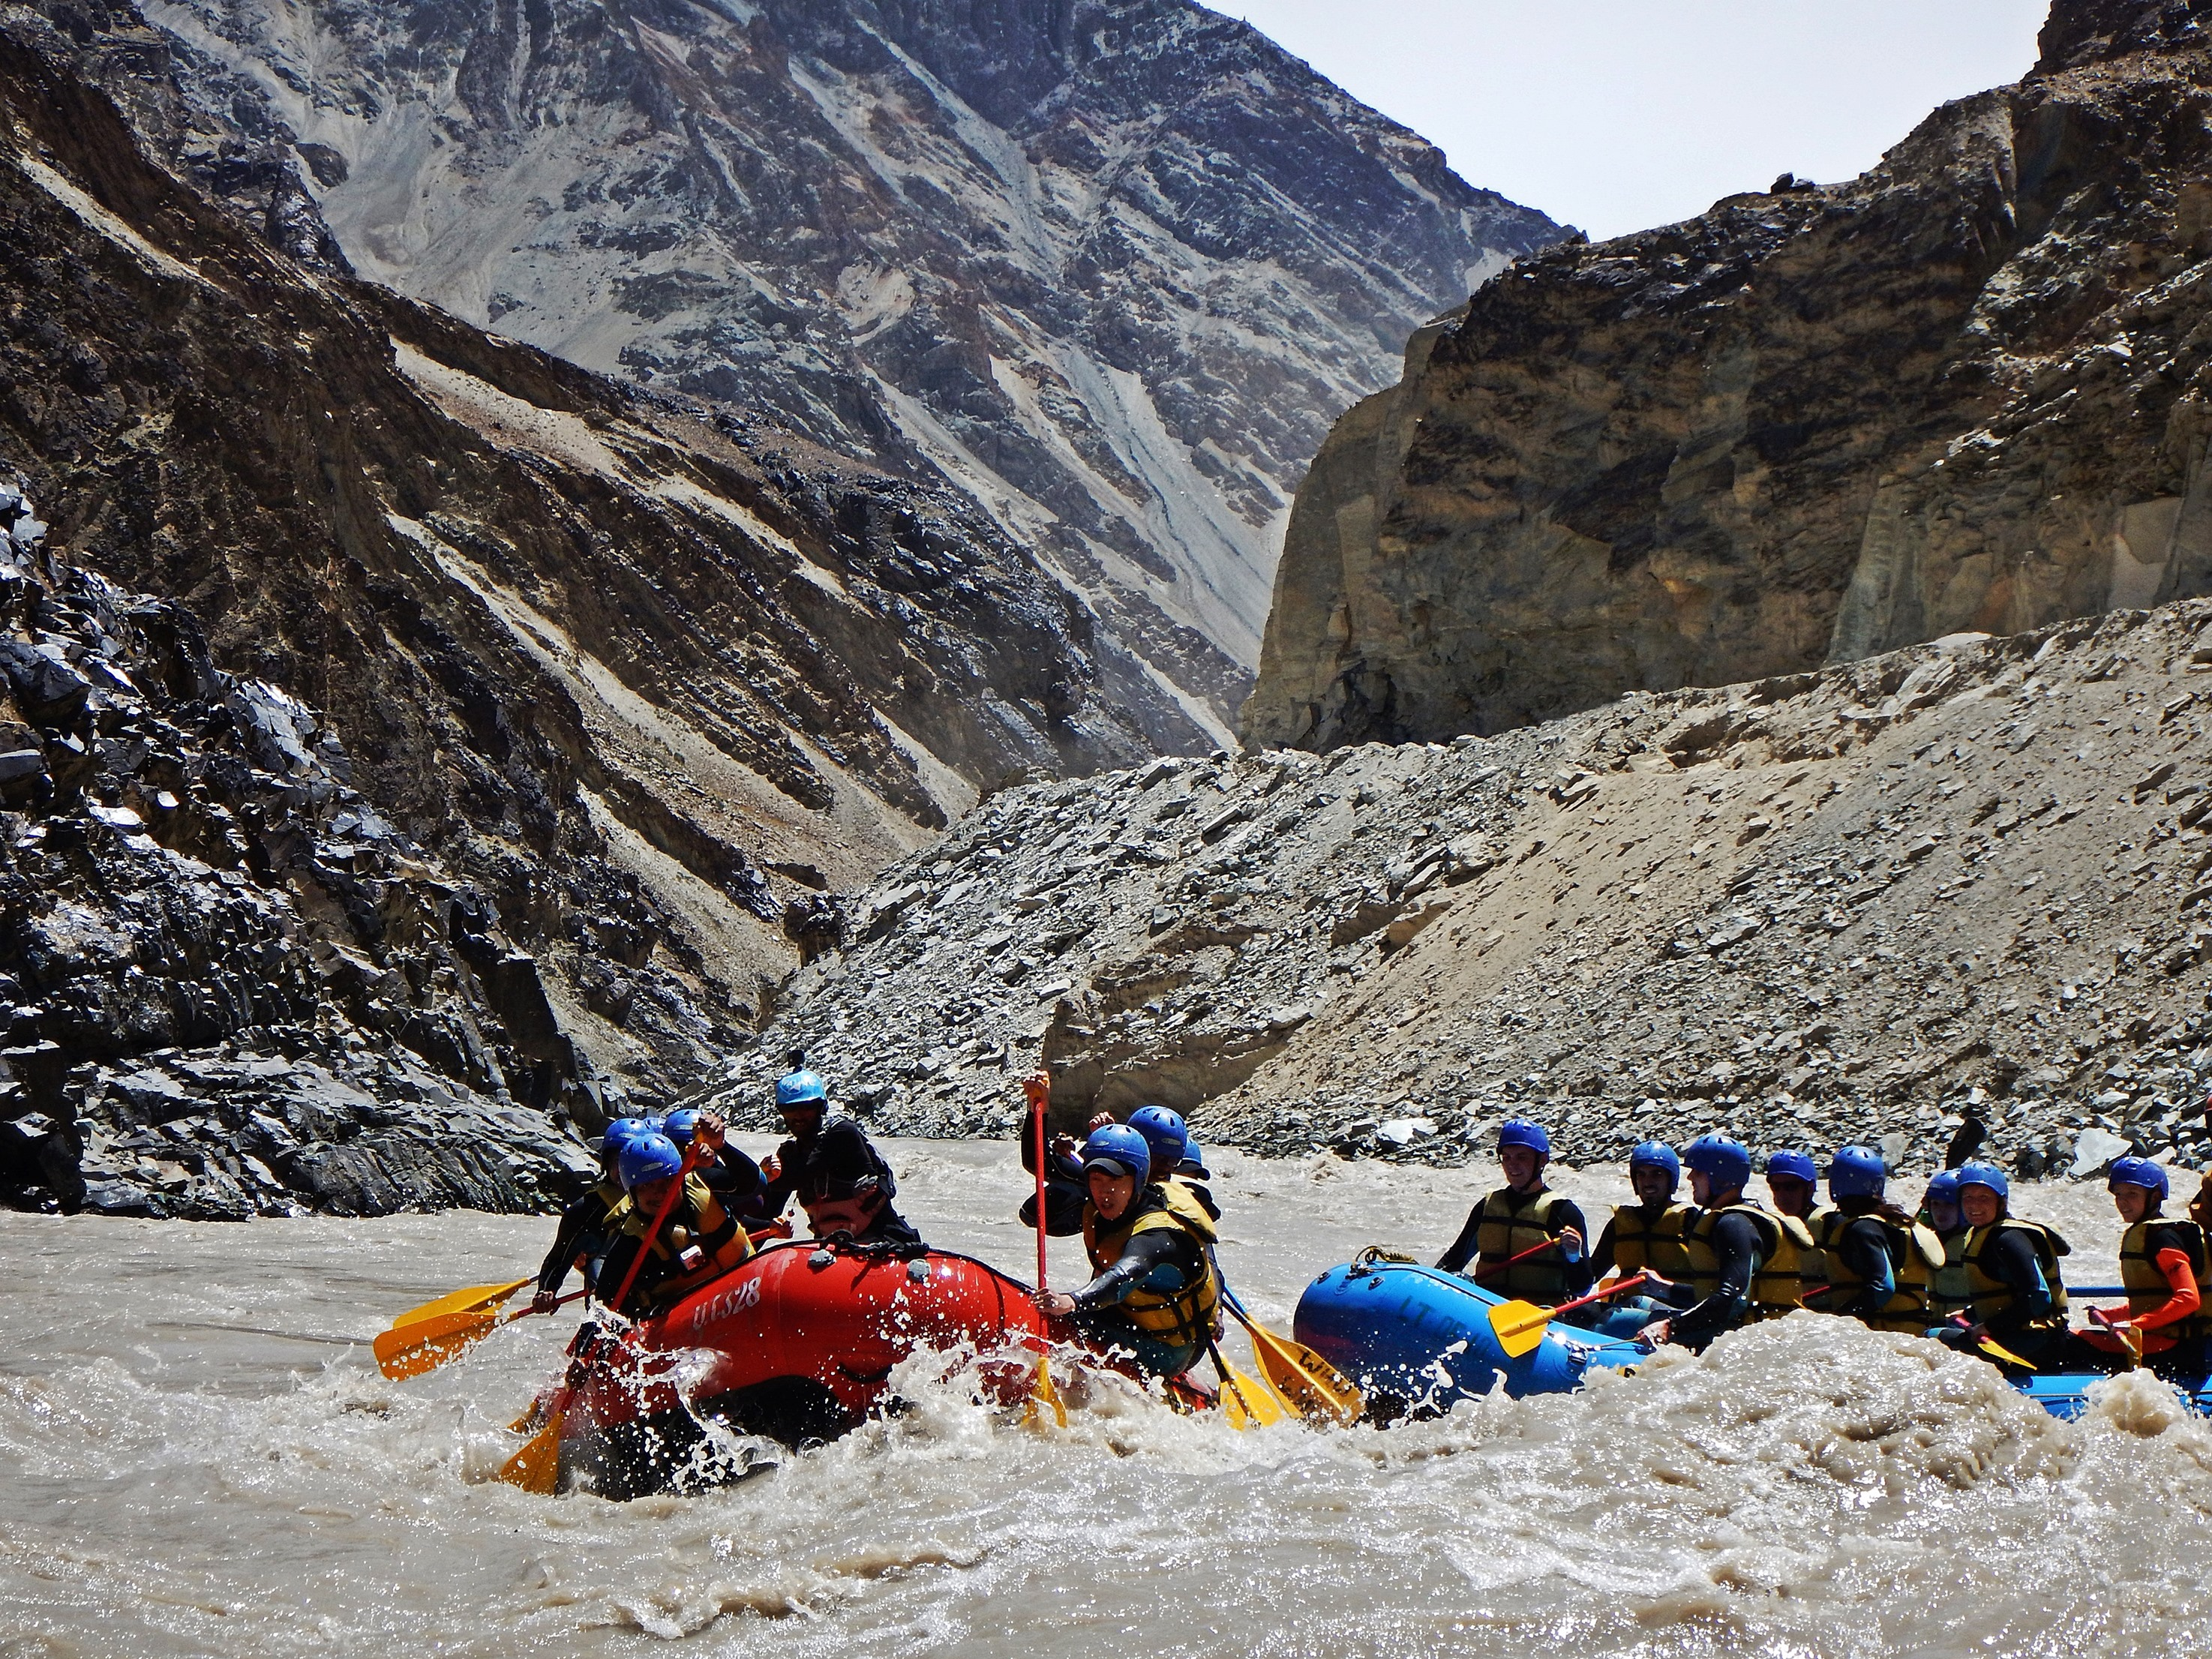 Whitewater rafting on the Zanskar River